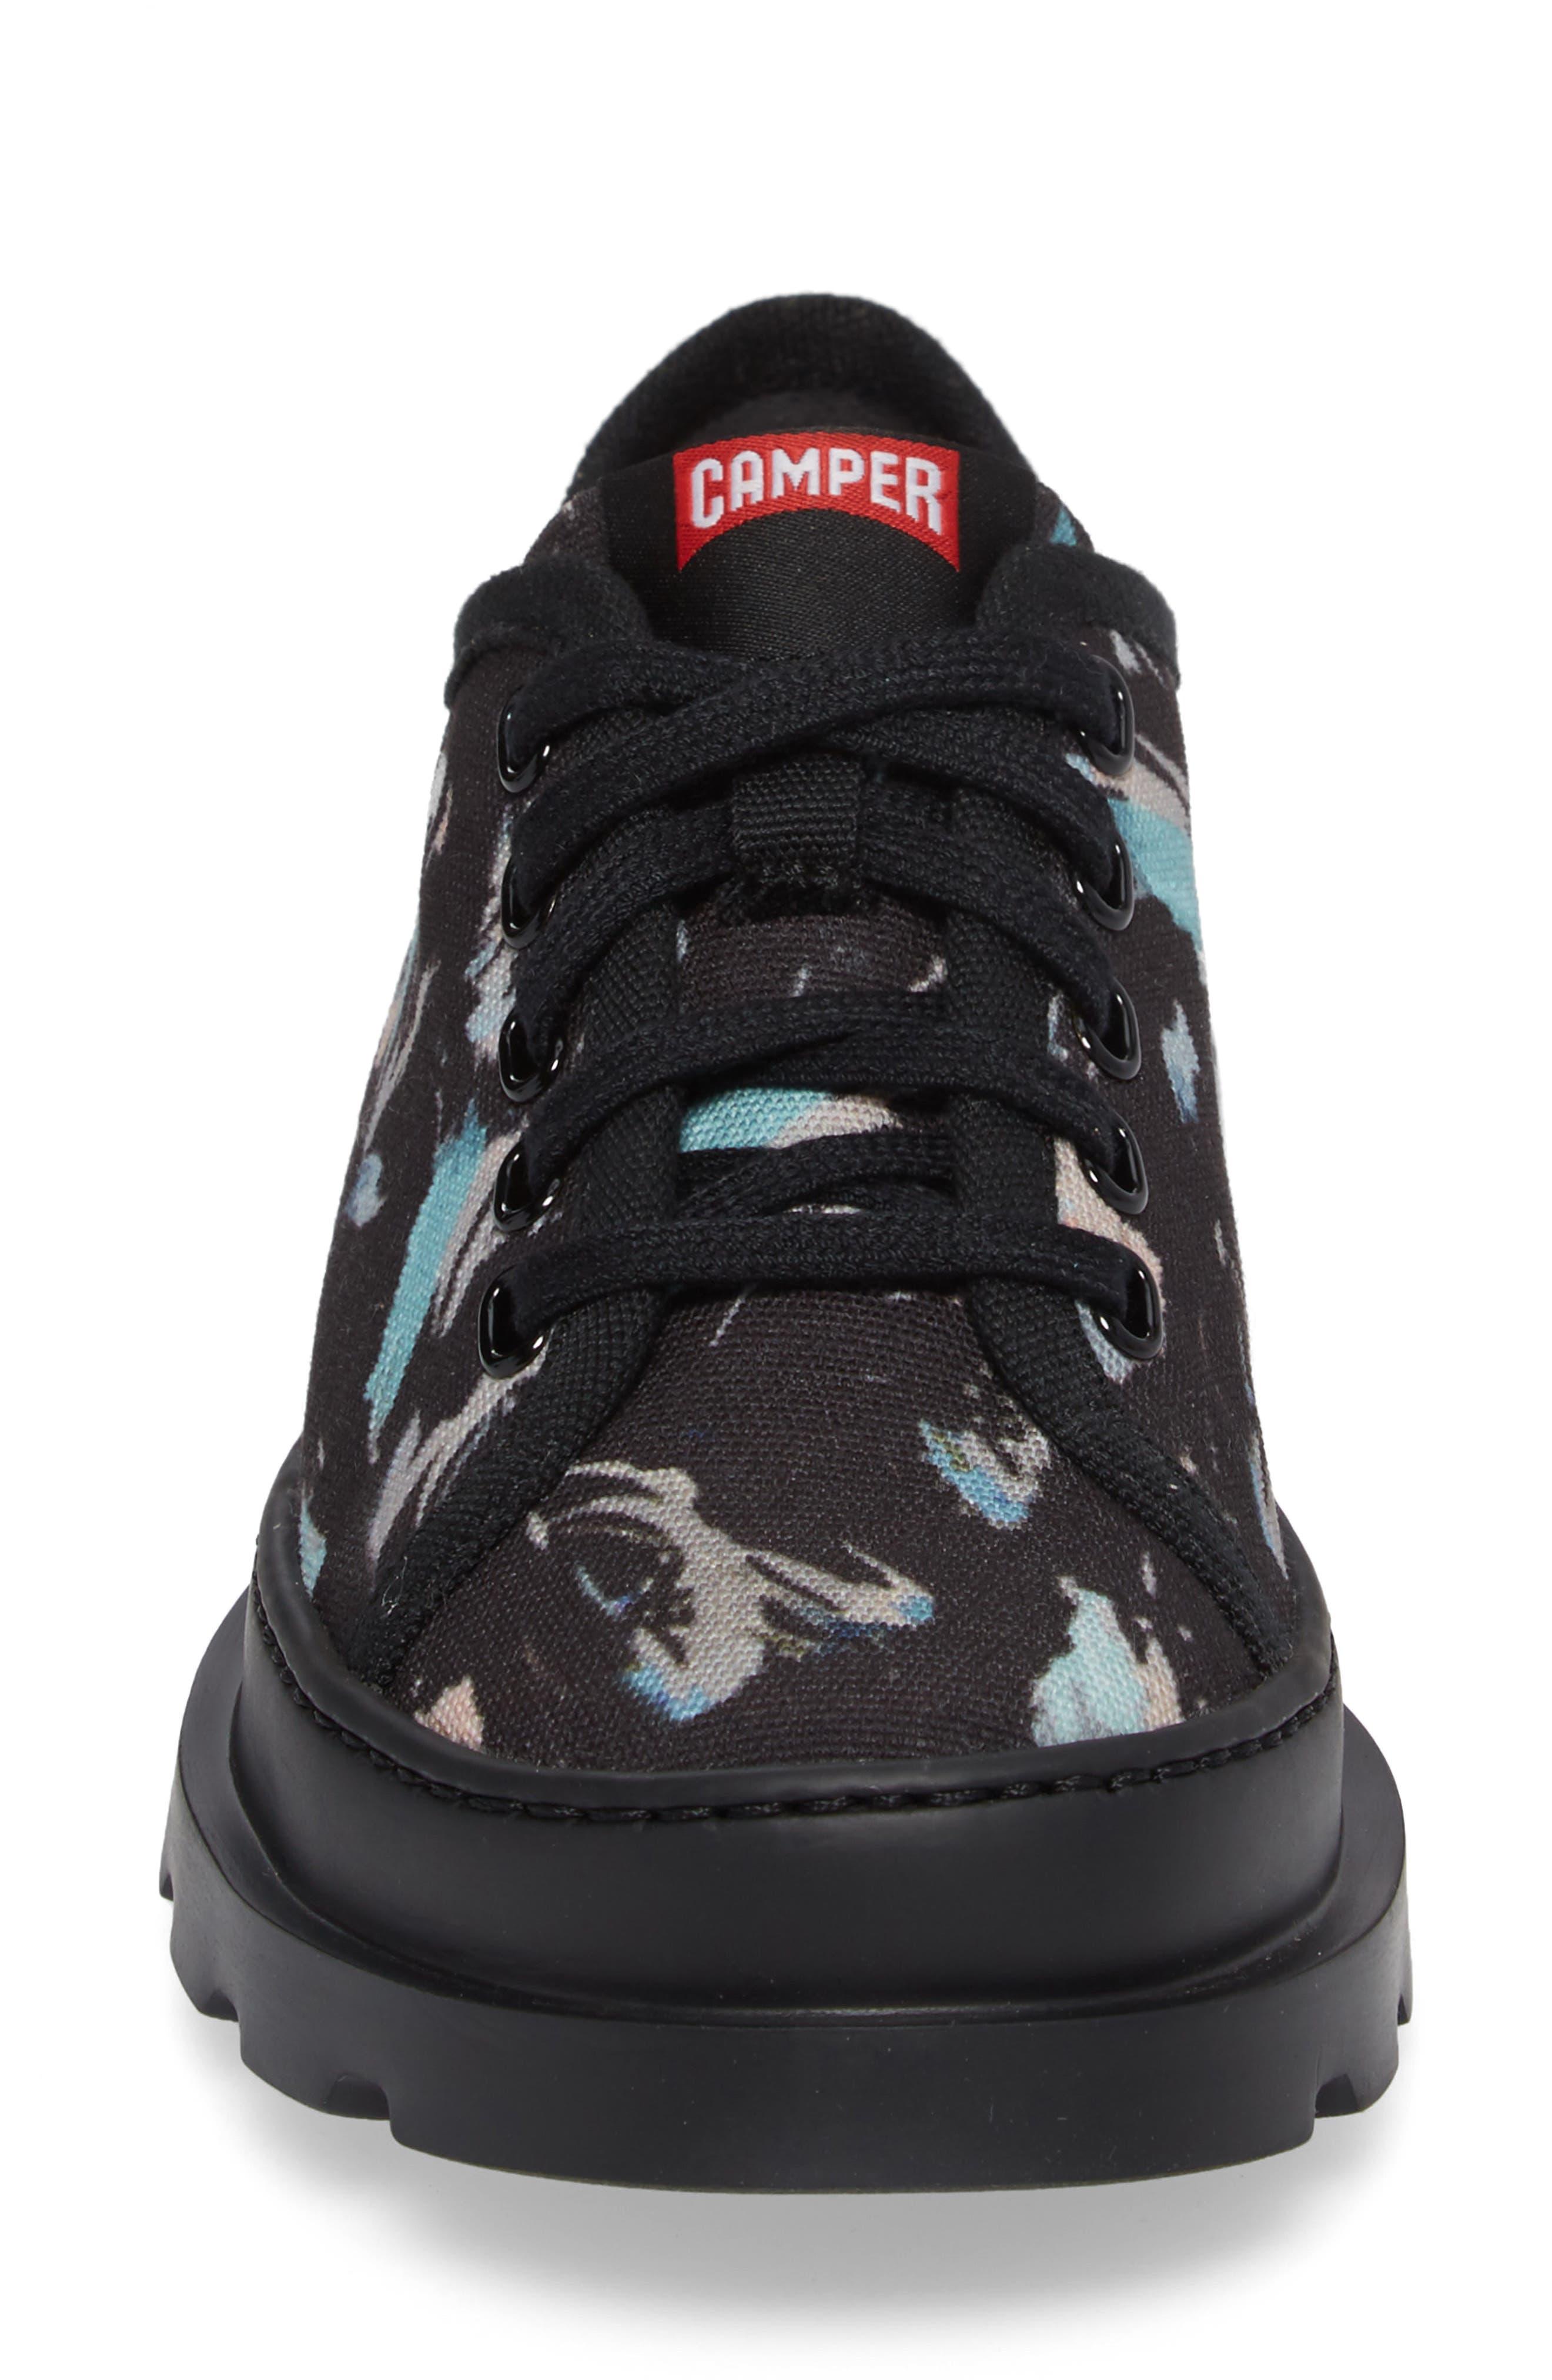 CAMPER,                             Brutus Lugged Platform Sneaker,                             Alternate thumbnail 4, color,                             001